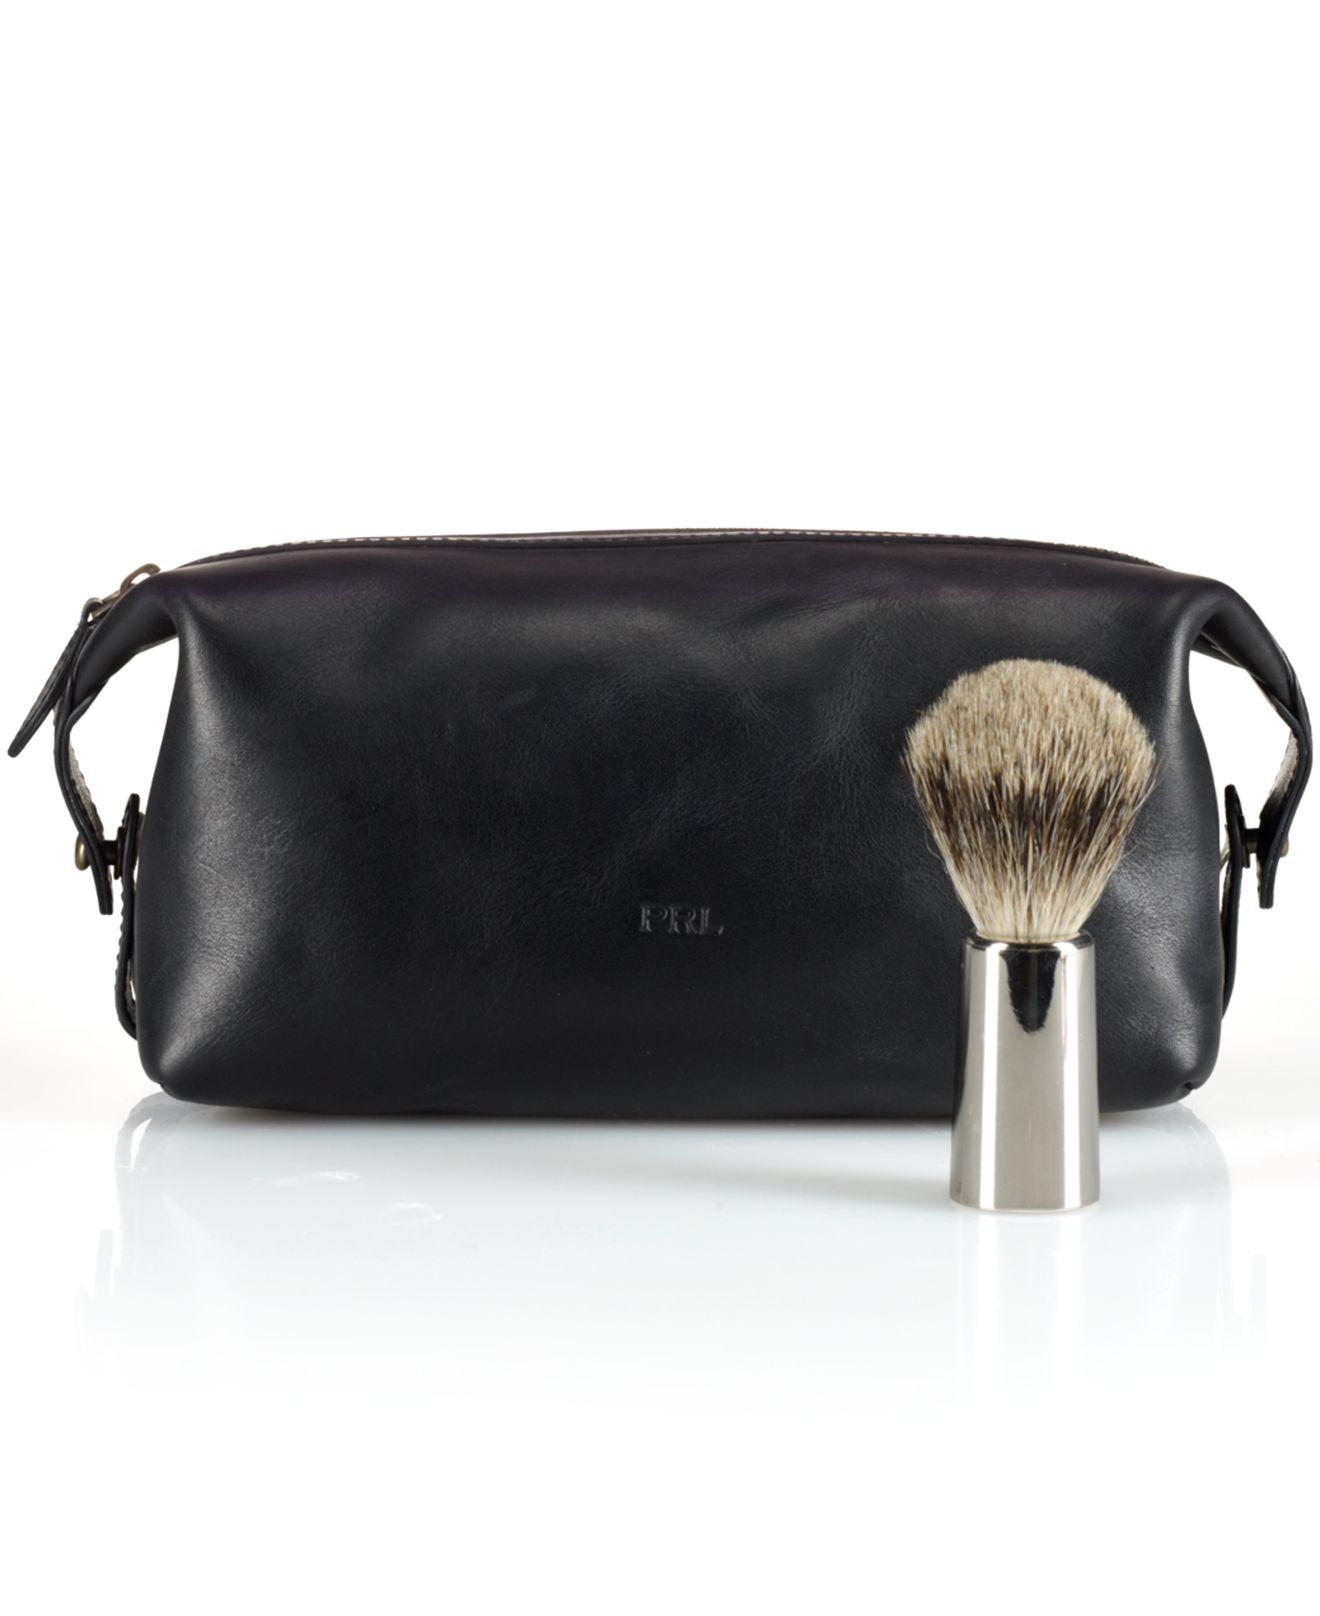 Lyst - Polo Ralph Lauren Leather Shaving Kit in Black for Men e3f2515433ca1